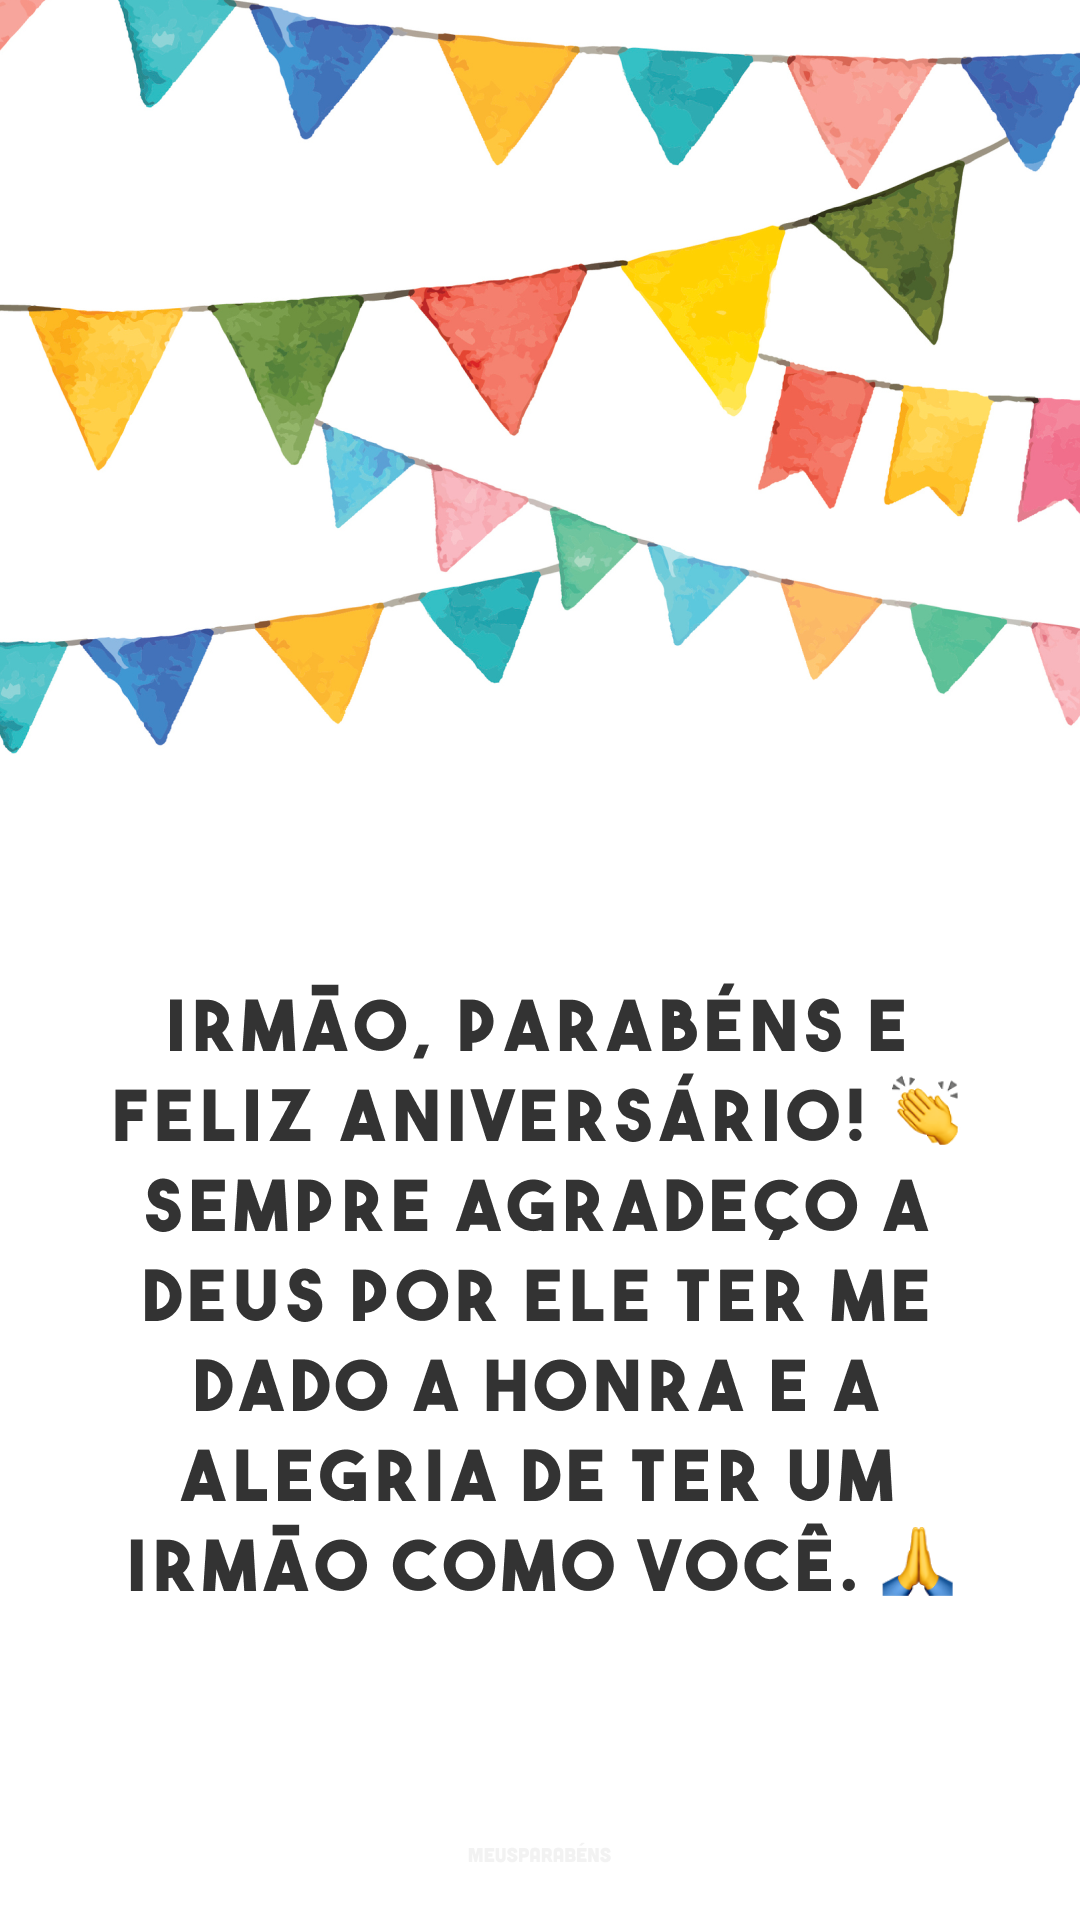 Irmão, parabéns e feliz aniversário! 👏 Sempre agradeço a Deus por Ele ter me dado a honra e a alegria de ter um irmão como você. 🙏